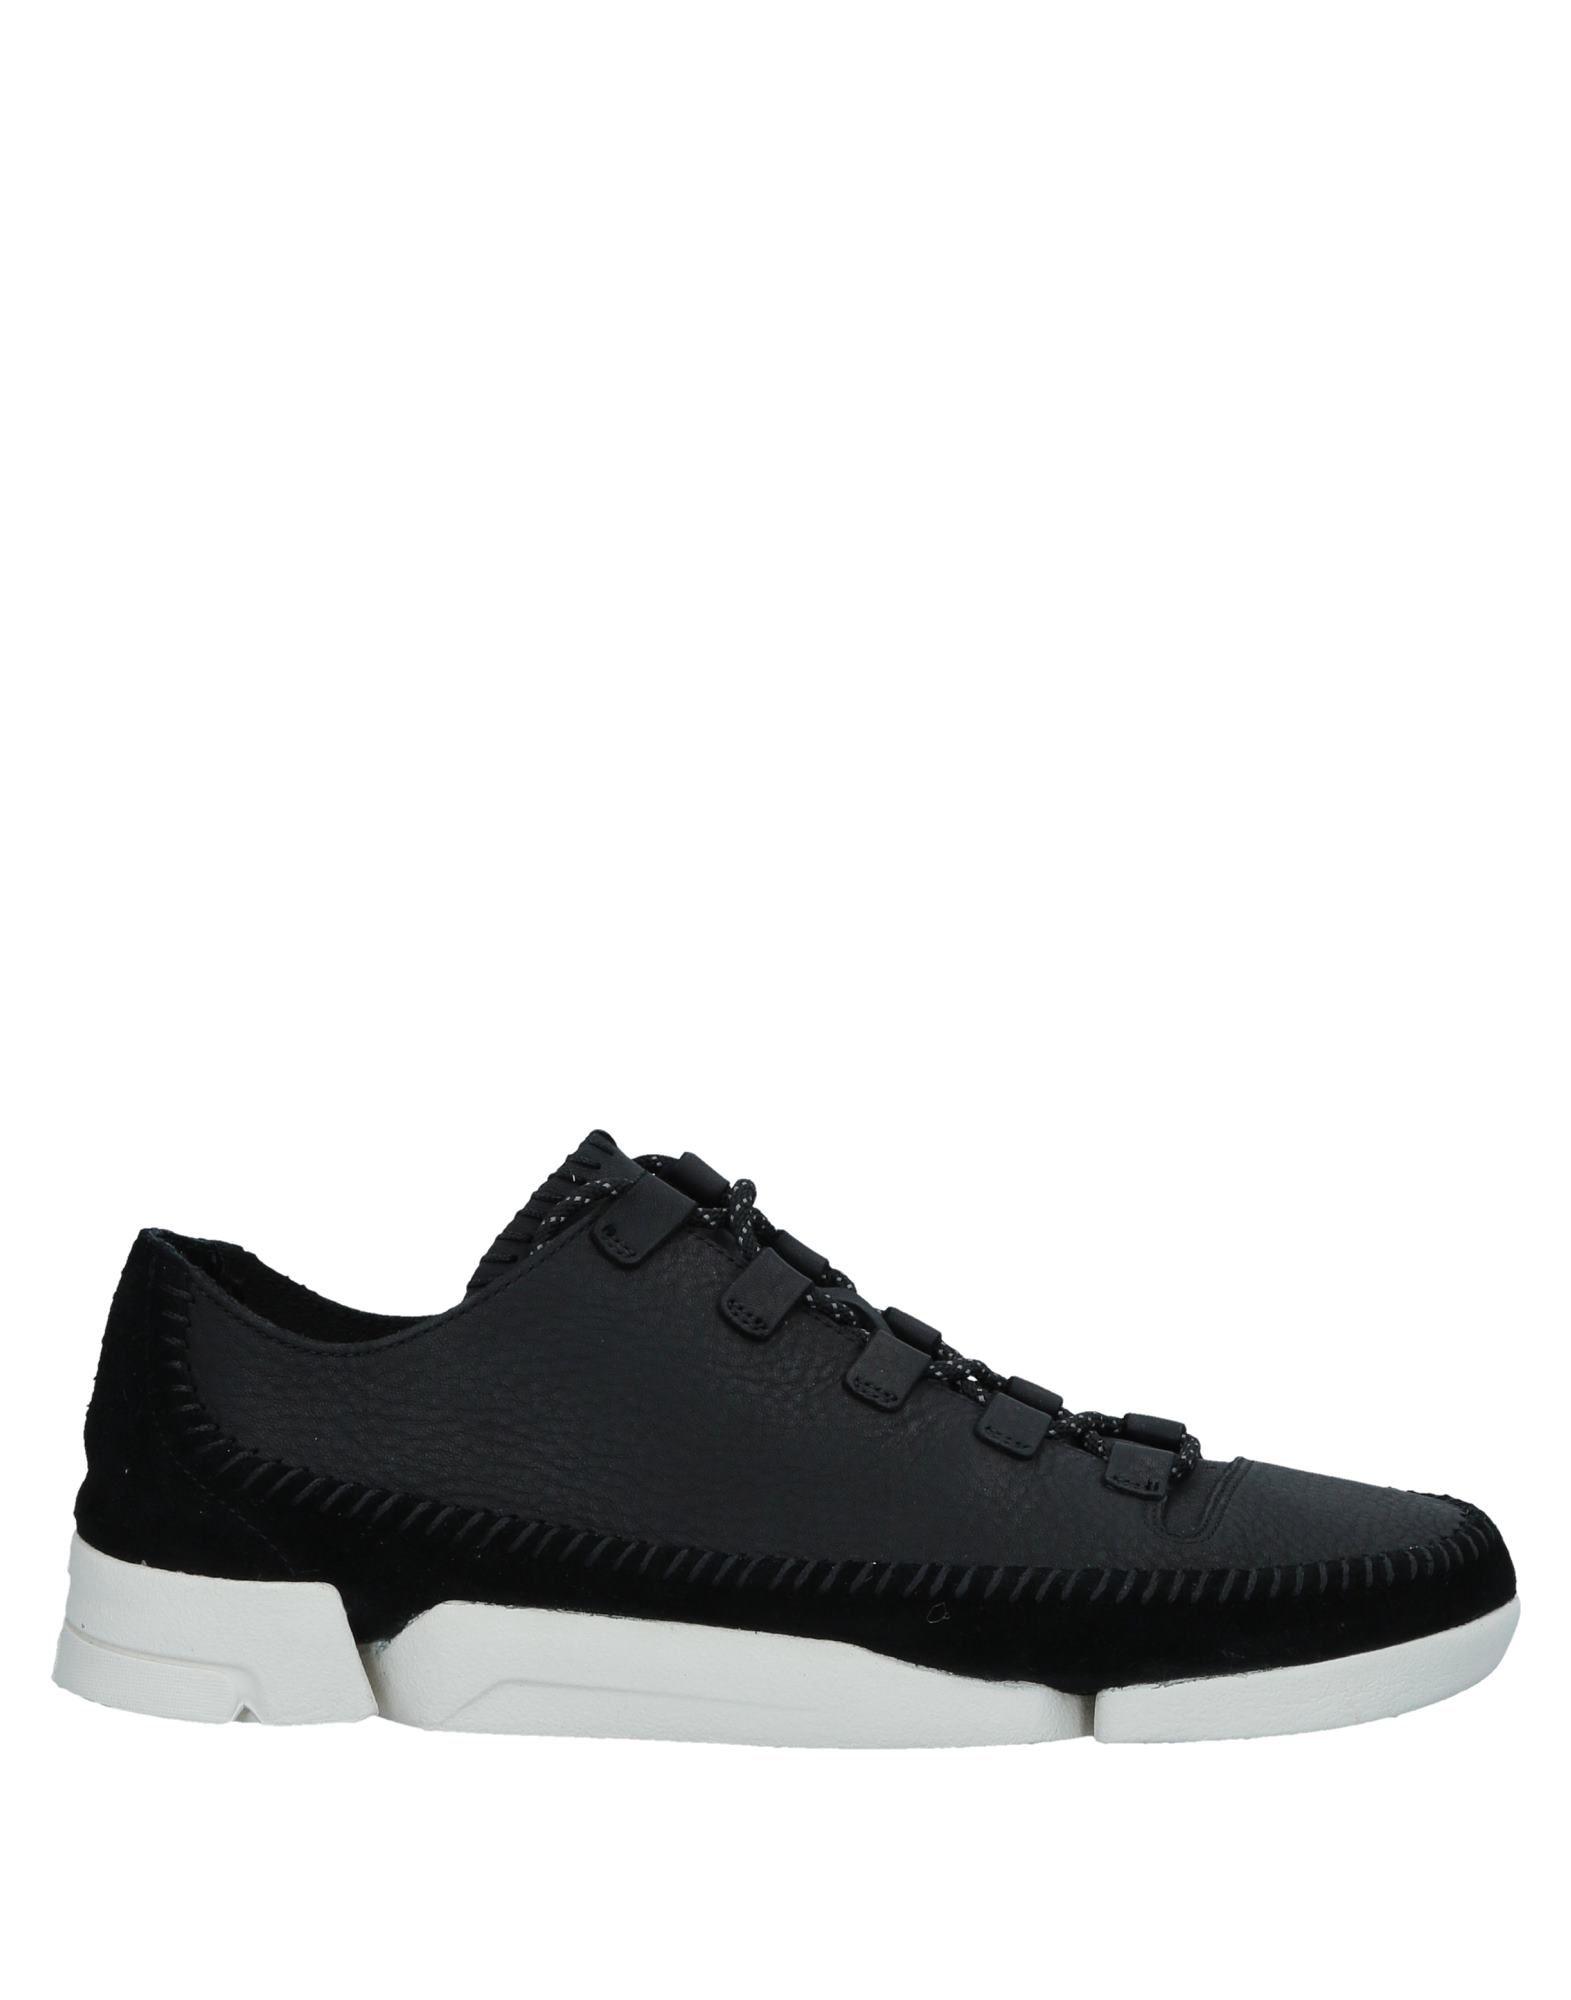 Sneakers Clarks Originals Originals Clarks Uomo - 11529814MW eb6b62